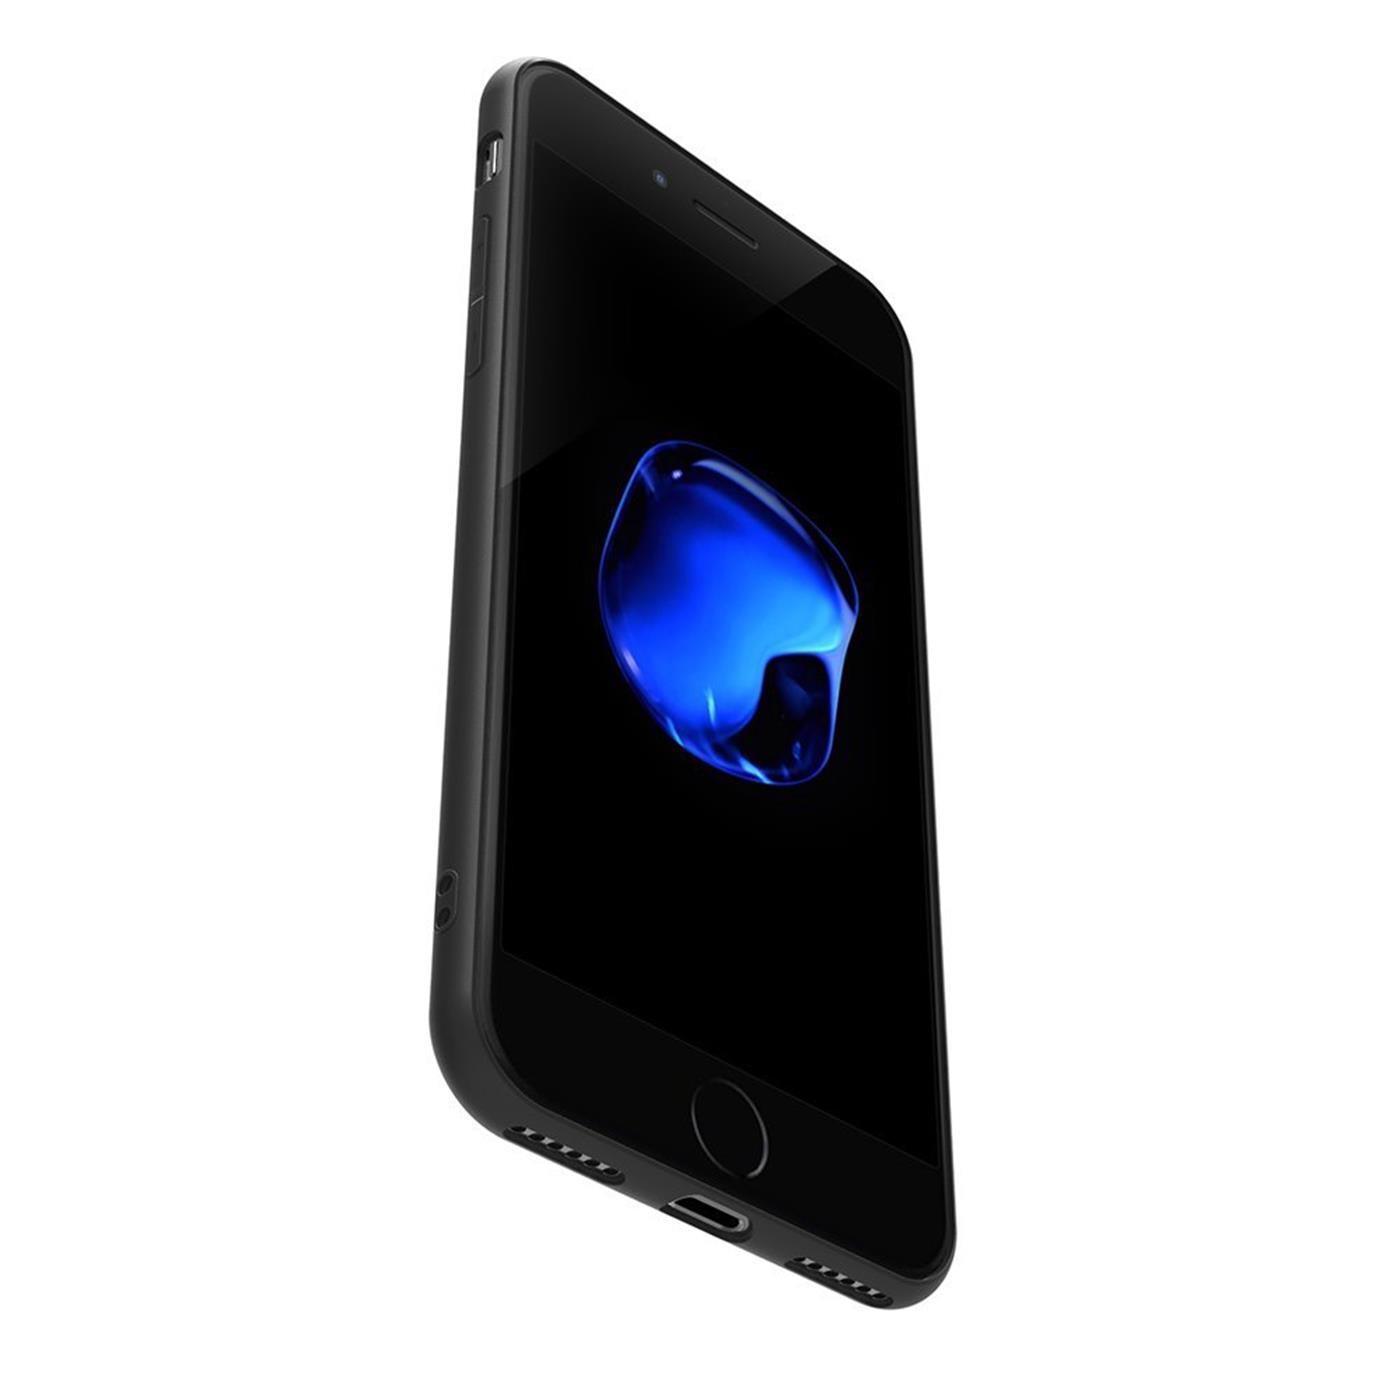 Huelle-iPhone-7-iPhone-8-Schutzhuelle-Handy-Huelle-Slim-Case-Weich-Matt-Schwarz Indexbild 10